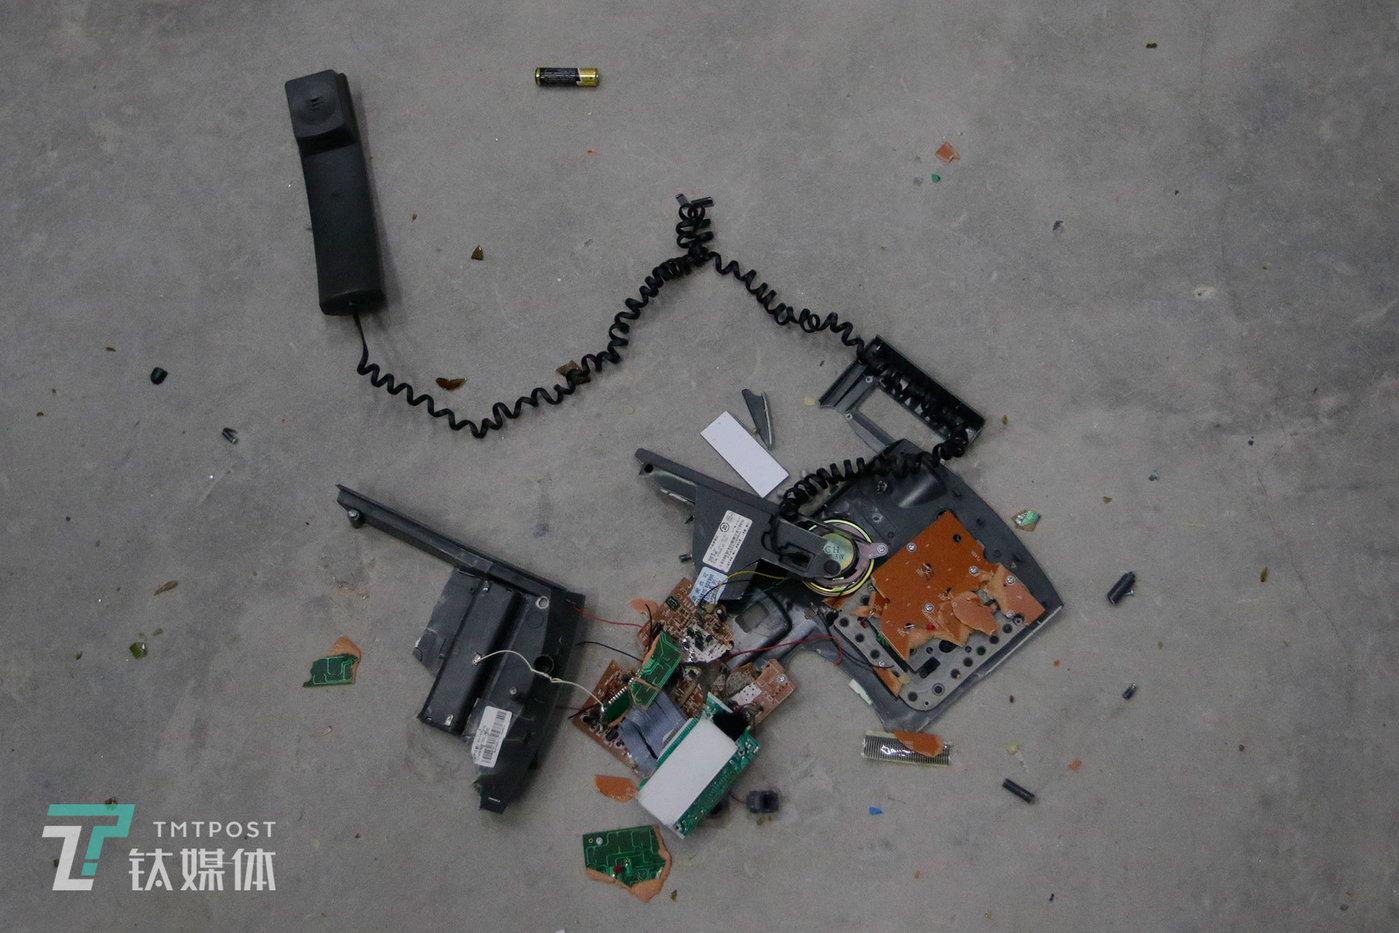 被一名女顾客砸烂的电话机,这名女士说,她是把这台电话机当作自己的前男友来砸的。